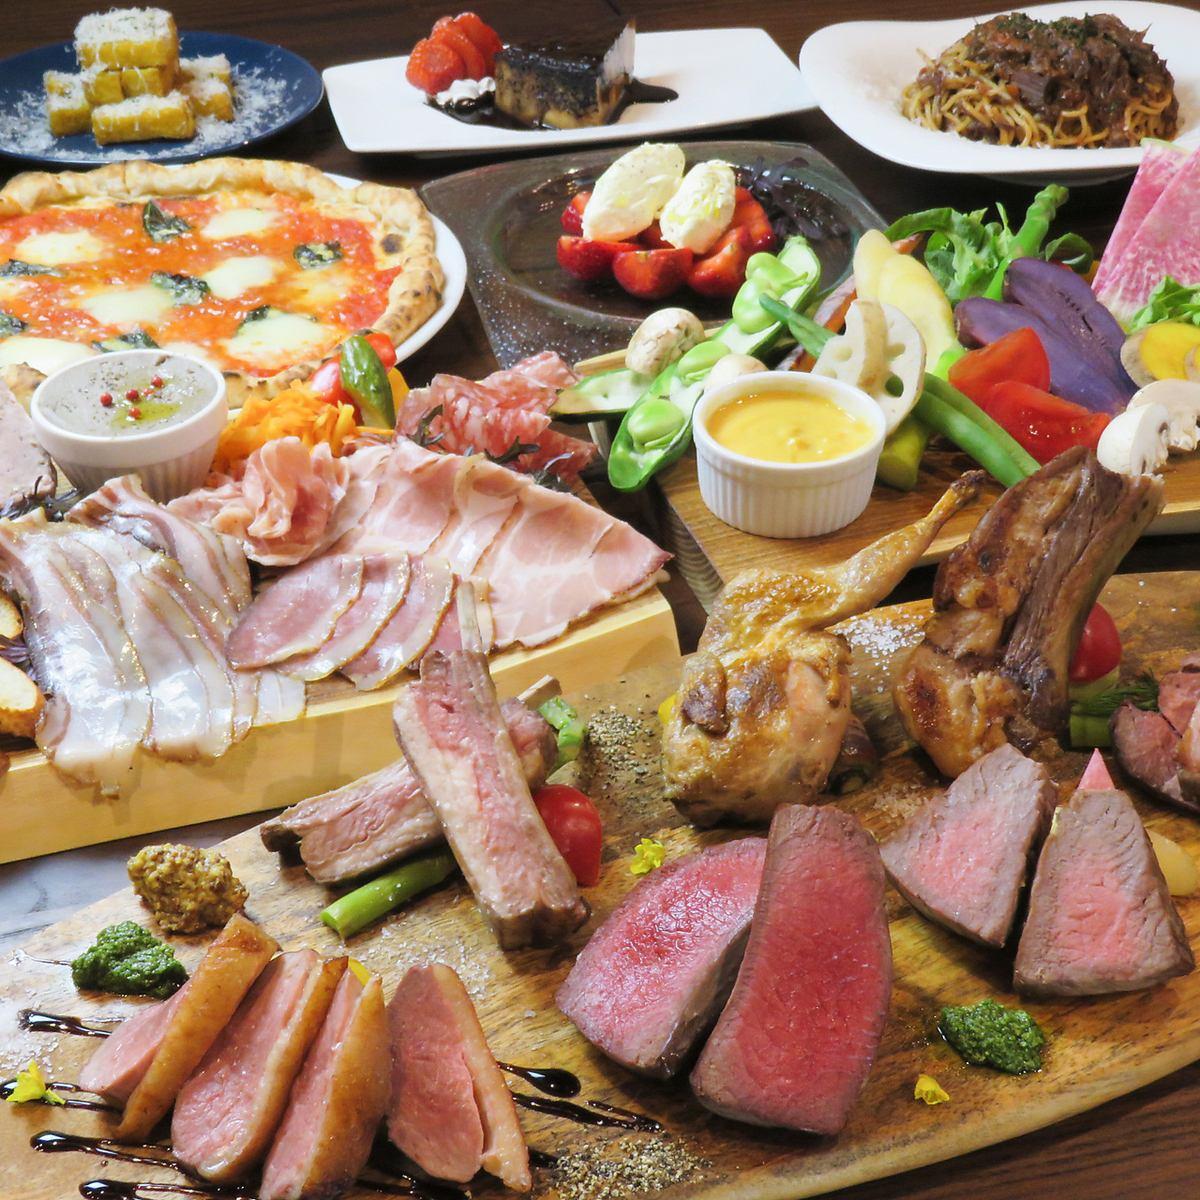 表参道でお肉を食べるならここ♪ コスパ◎の隠れ家ビストロ!